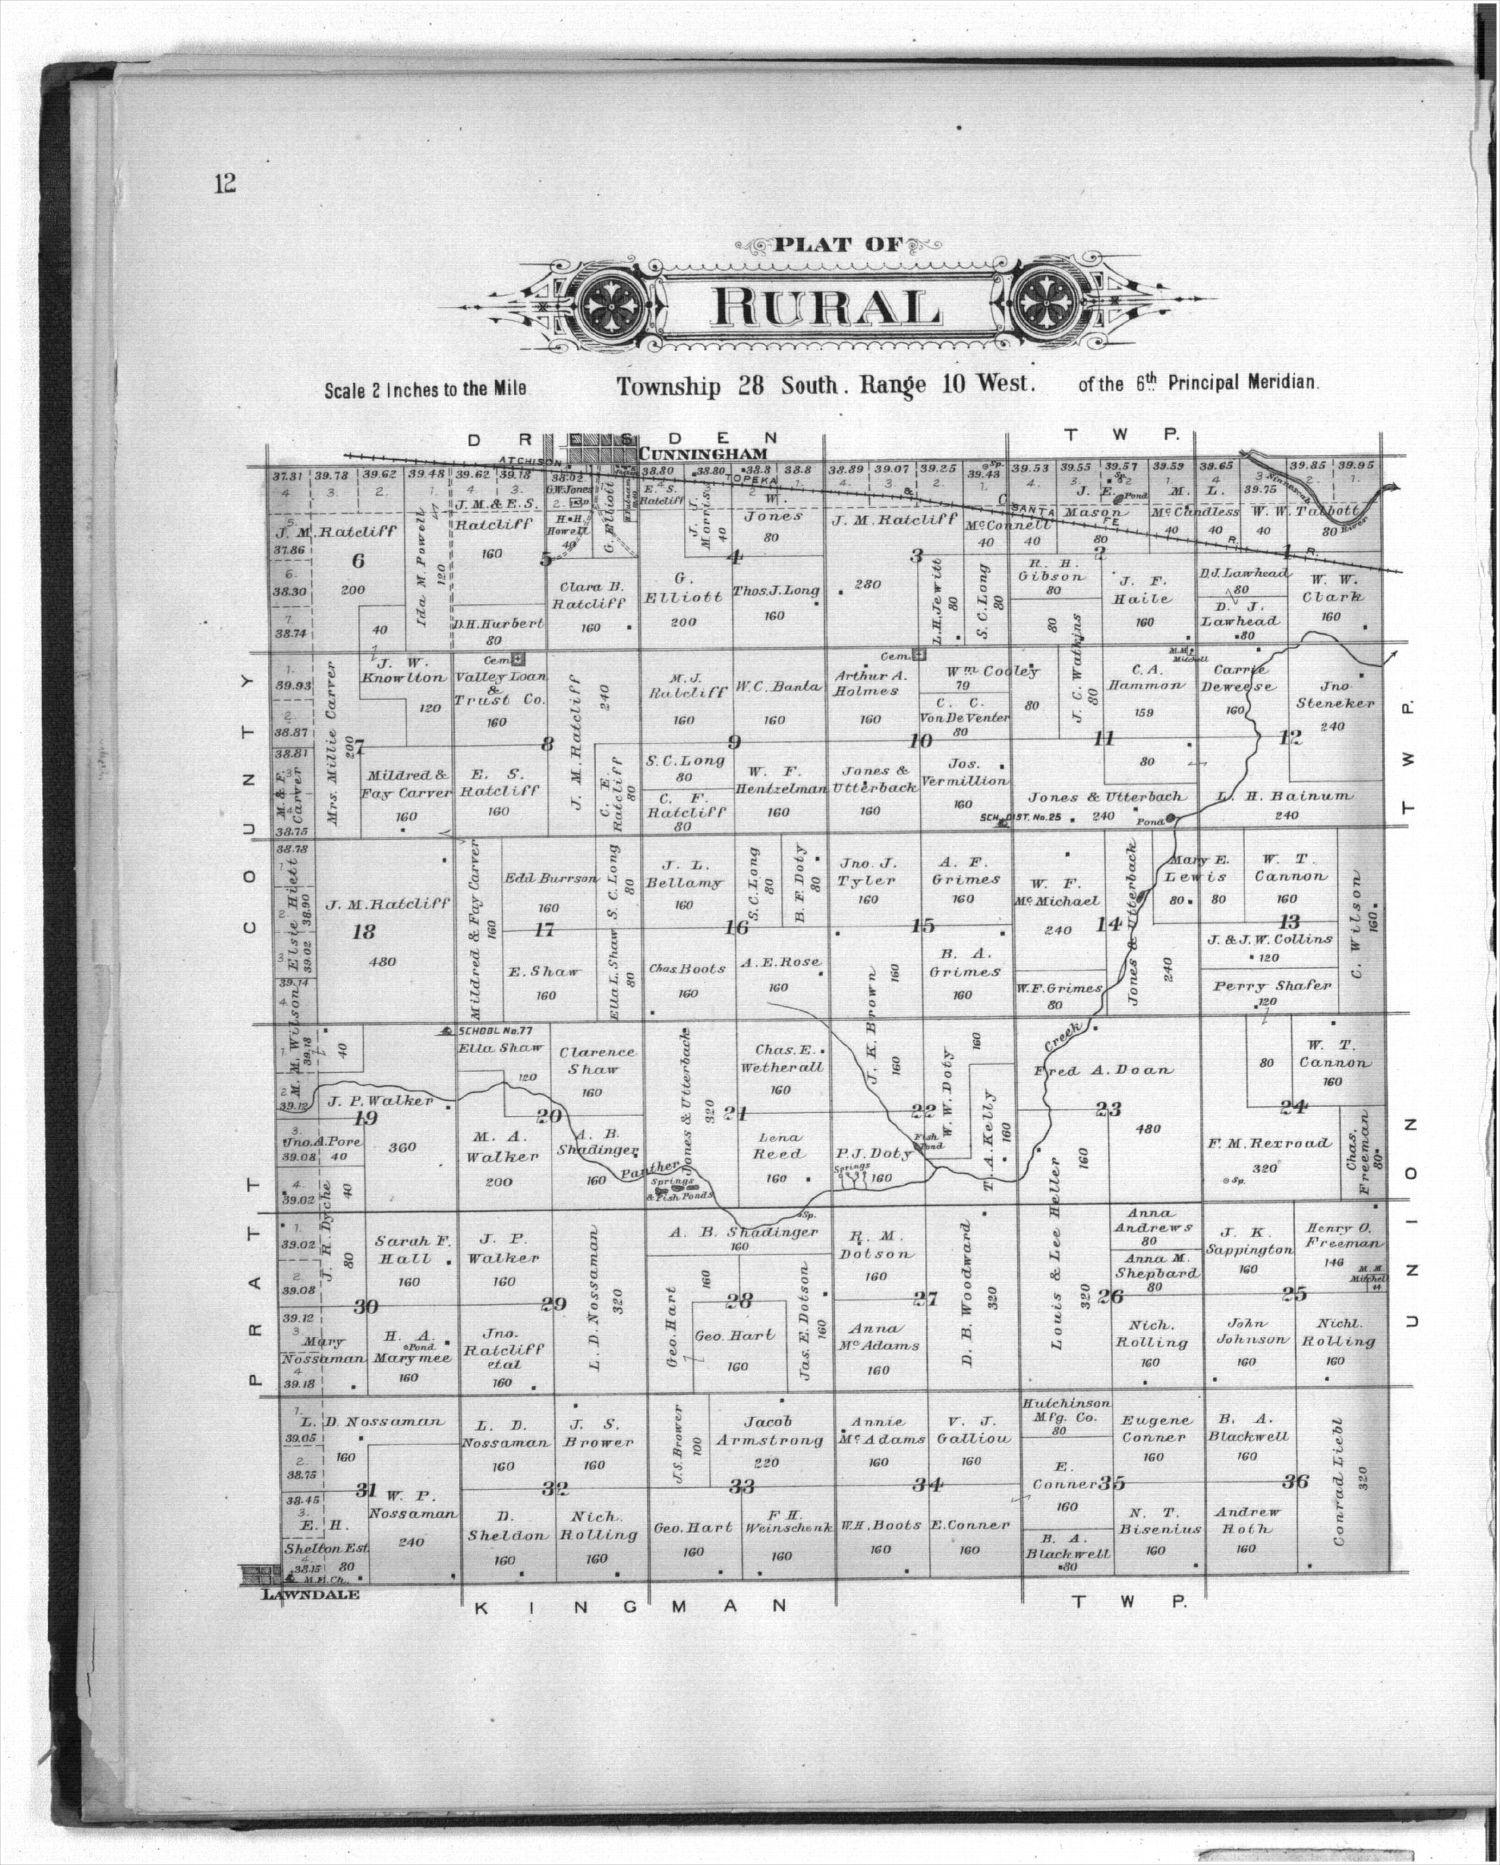 Plat book of Kingman County, Kansas - 12